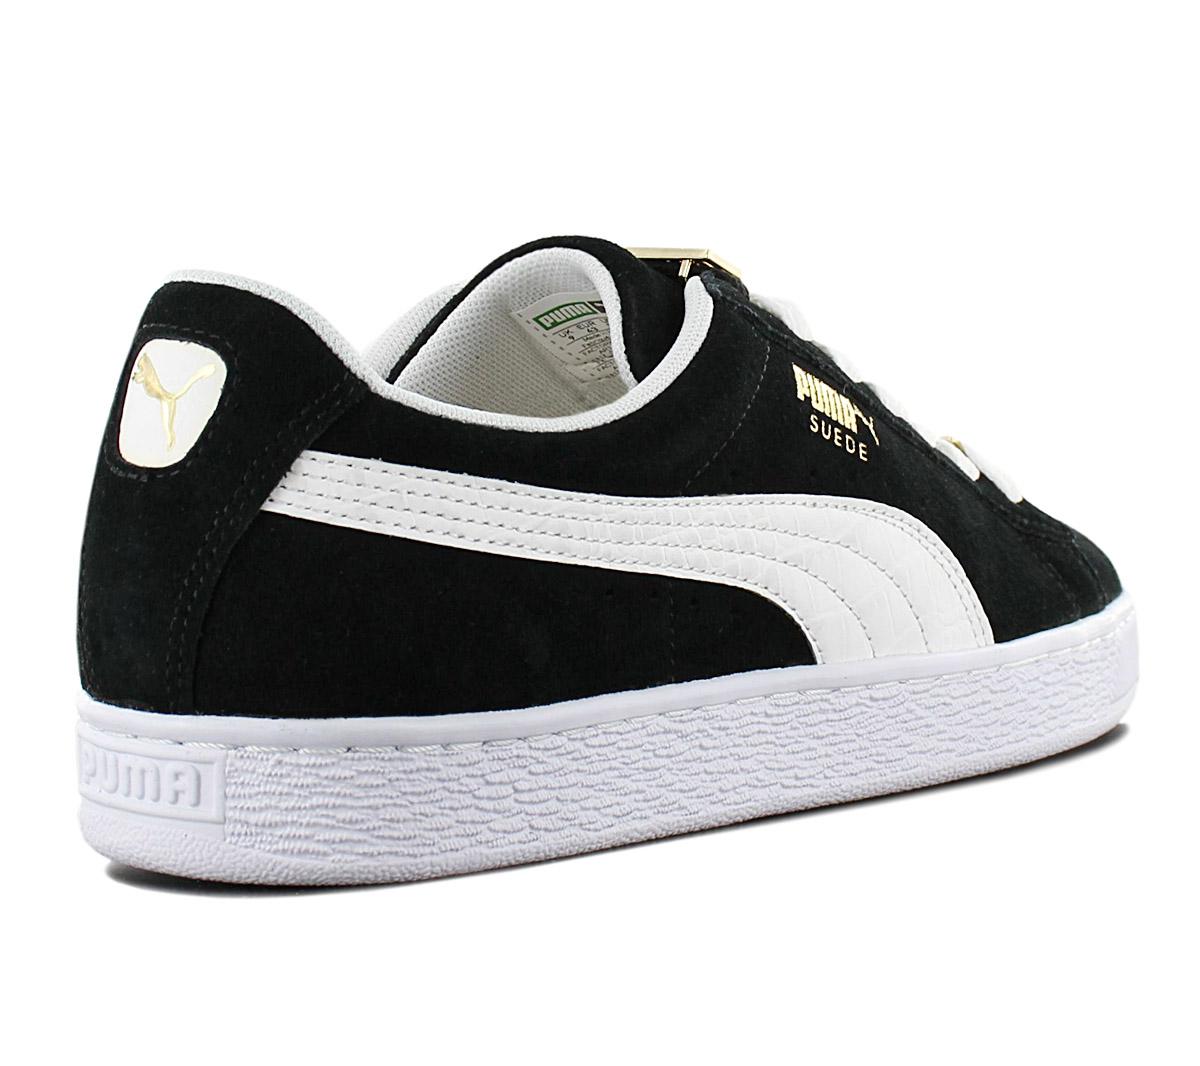 Details about Puma Suede Classic Bboy Fabulous 365362 01 Black Men's Sneaker Shoes New